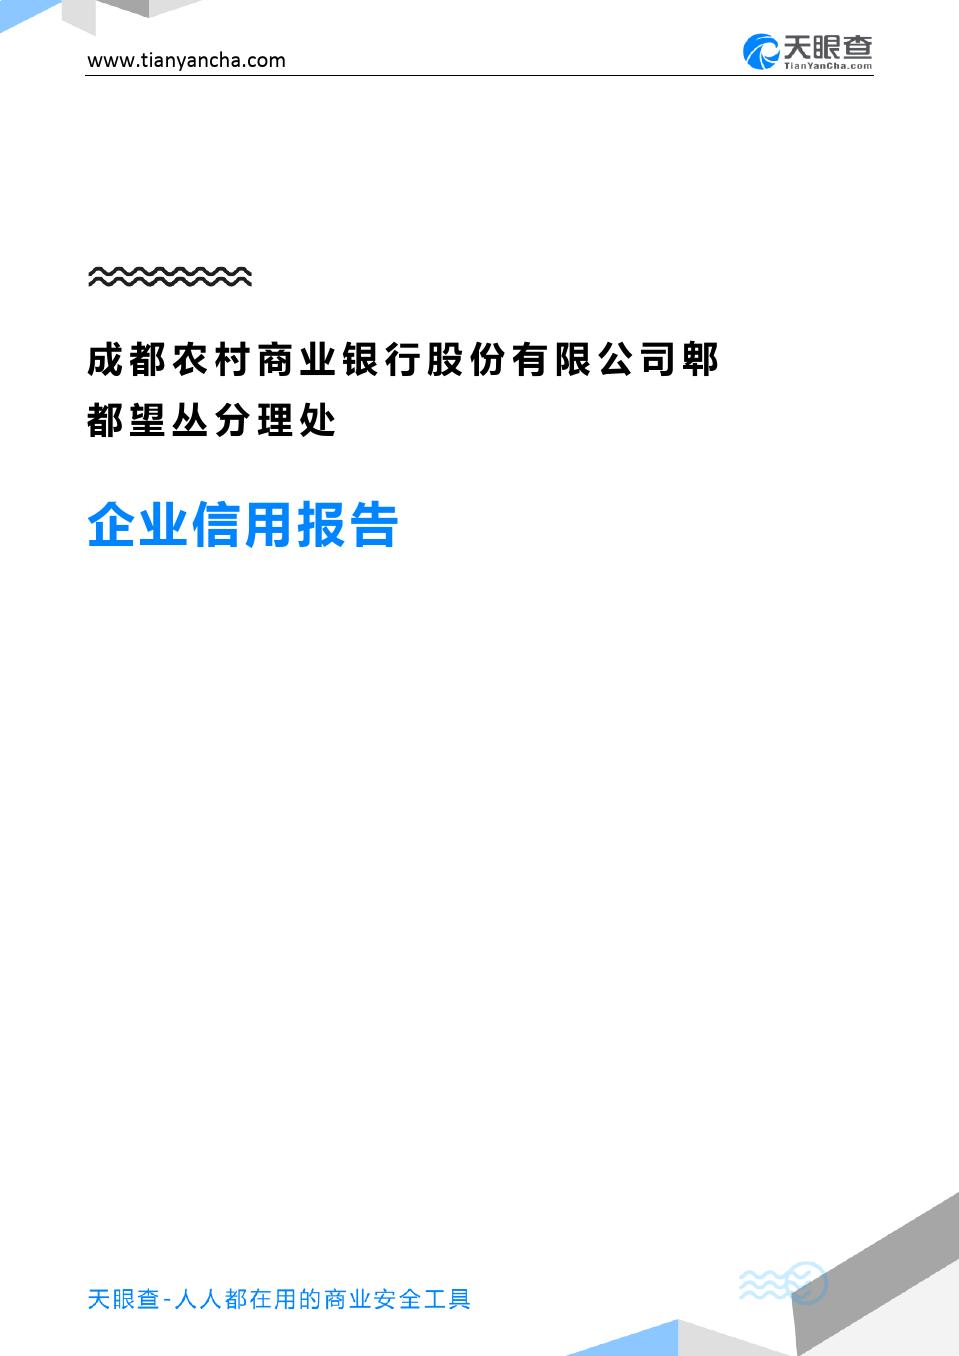 成都农村商业银行股份有限公司郫都望丛分理处(企业信用报告)- 天眼查